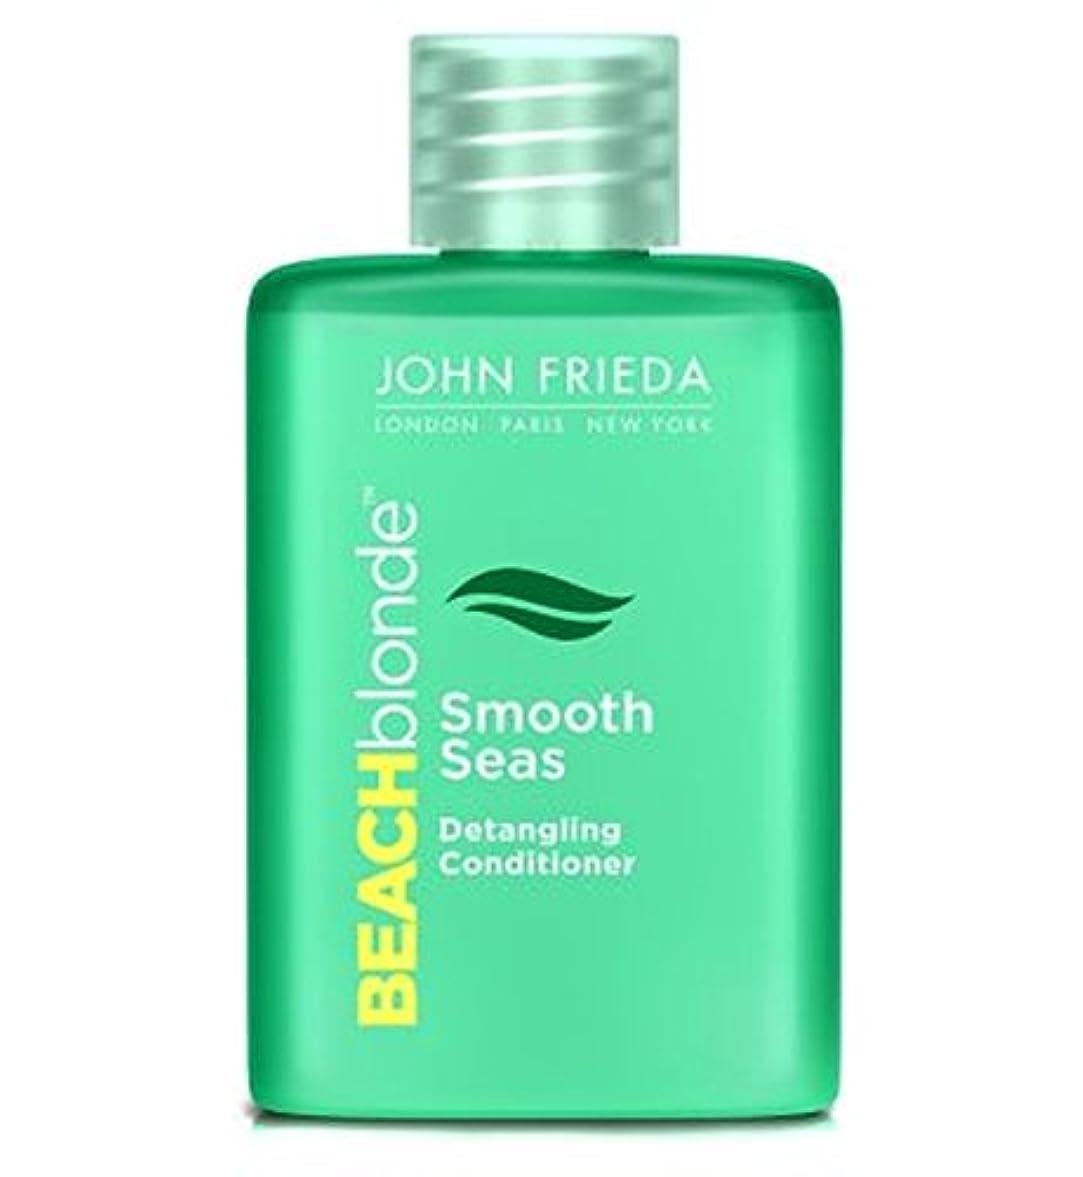 置くためにパック忘れられないリクルートコンディショナー50ミリリットルをもつれ解除ジョンFrieda?ビーチブロンド滑らかな海 (John Frieda) (x2) - John Frieda? Beach Blonde Smooth Seas Detangling Conditioner 50ml (Pack of 2) [並行輸入品]